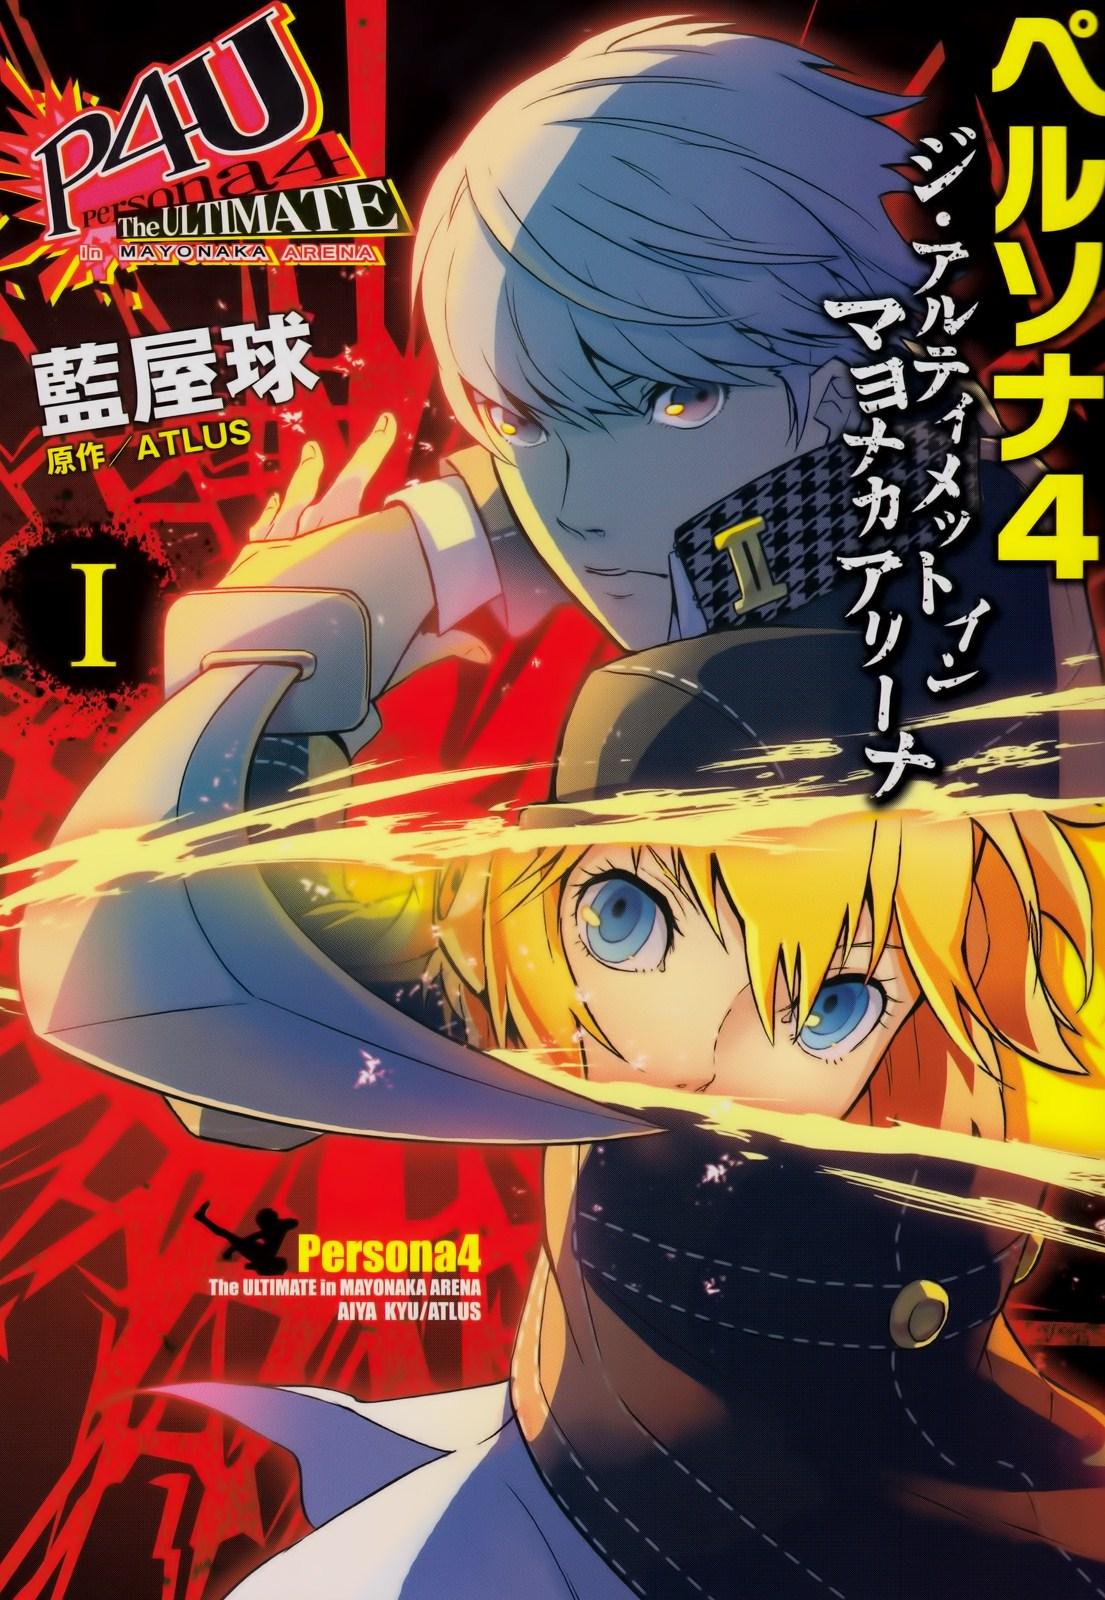 Persona 4 Anime Characters Database : Persona arena manga megami tensei wiki a demonic